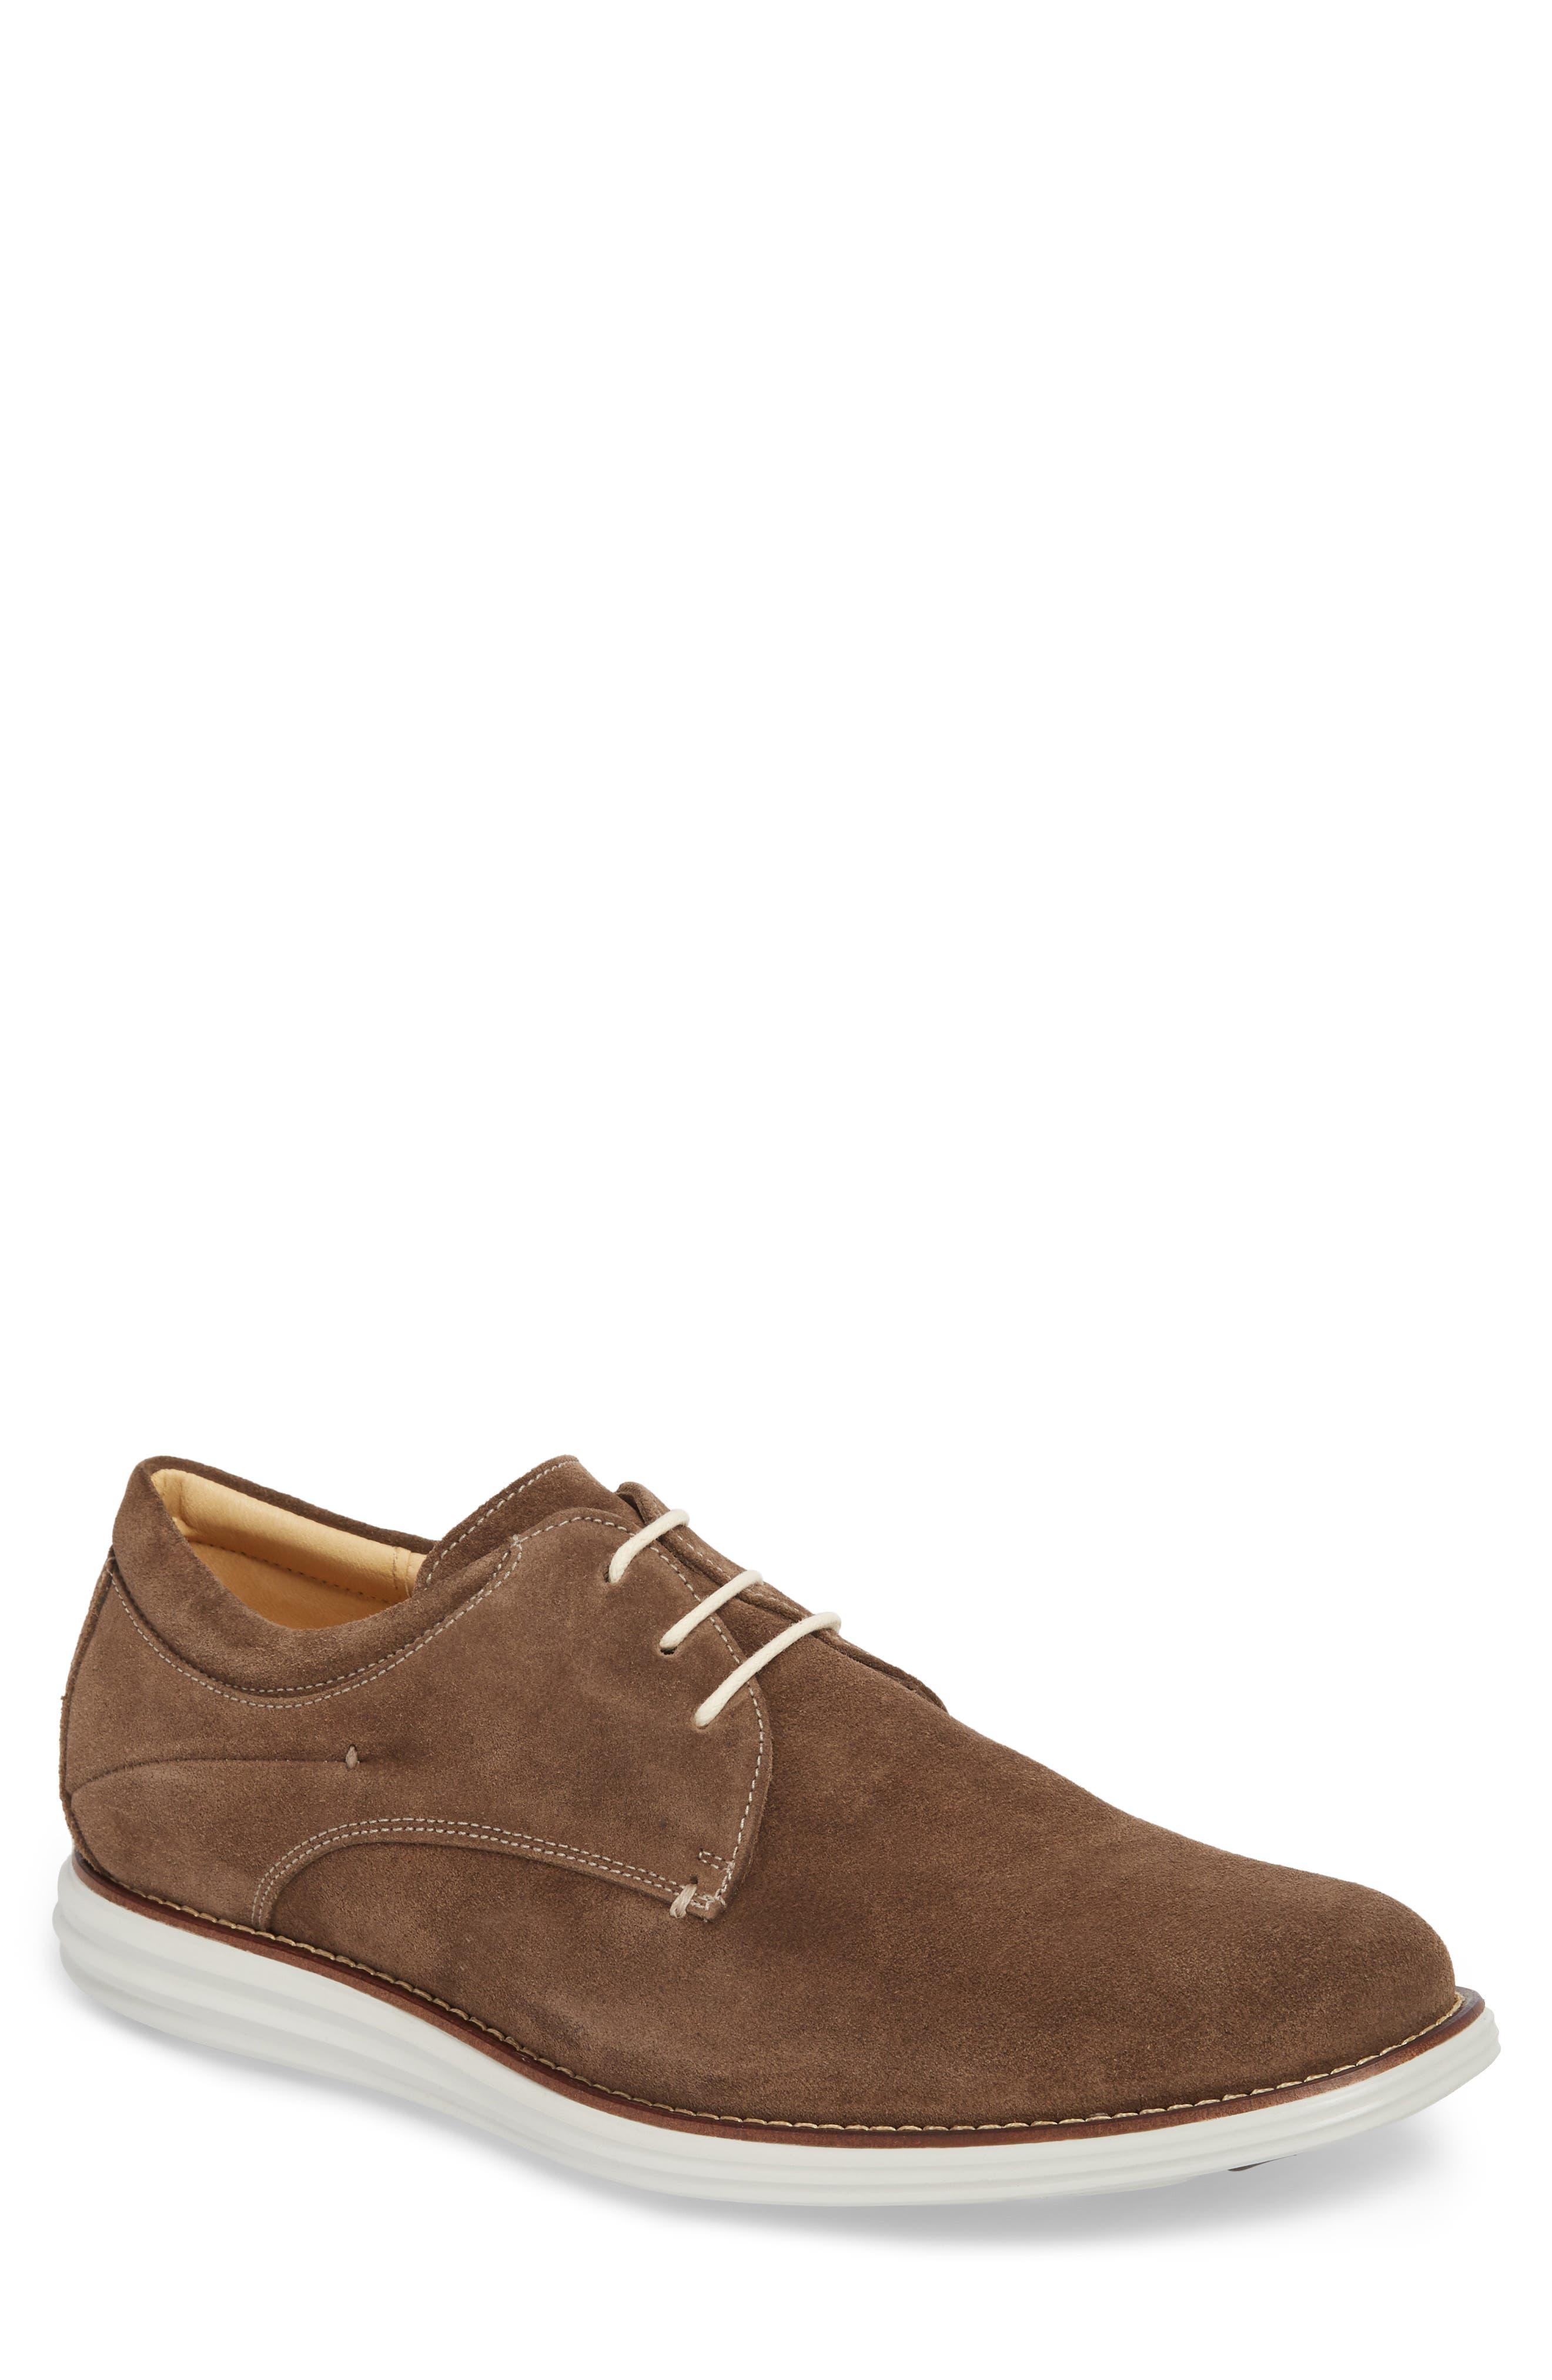 Planalto Plain Toe Derby,                         Main,                         color, Suede Truffle Leather